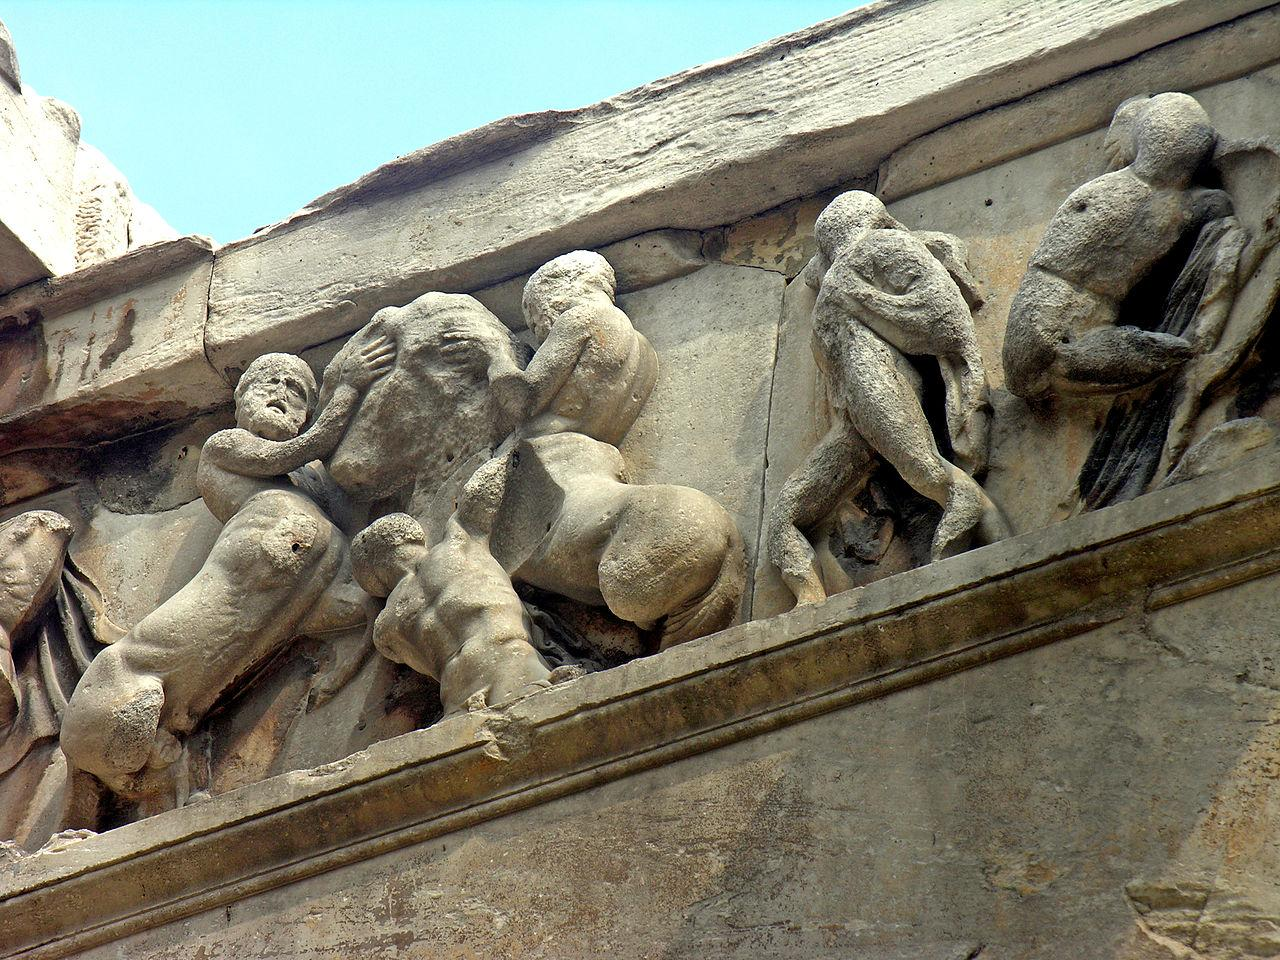 Если верить описаниям, когда-то убранство святилища составляли скульптуры Афины Паллады и Гефеста, отлитые из бронзы, а на стенах красовались разнообразные фрески и искусная мозаика – но ничего из этого не сохранилось